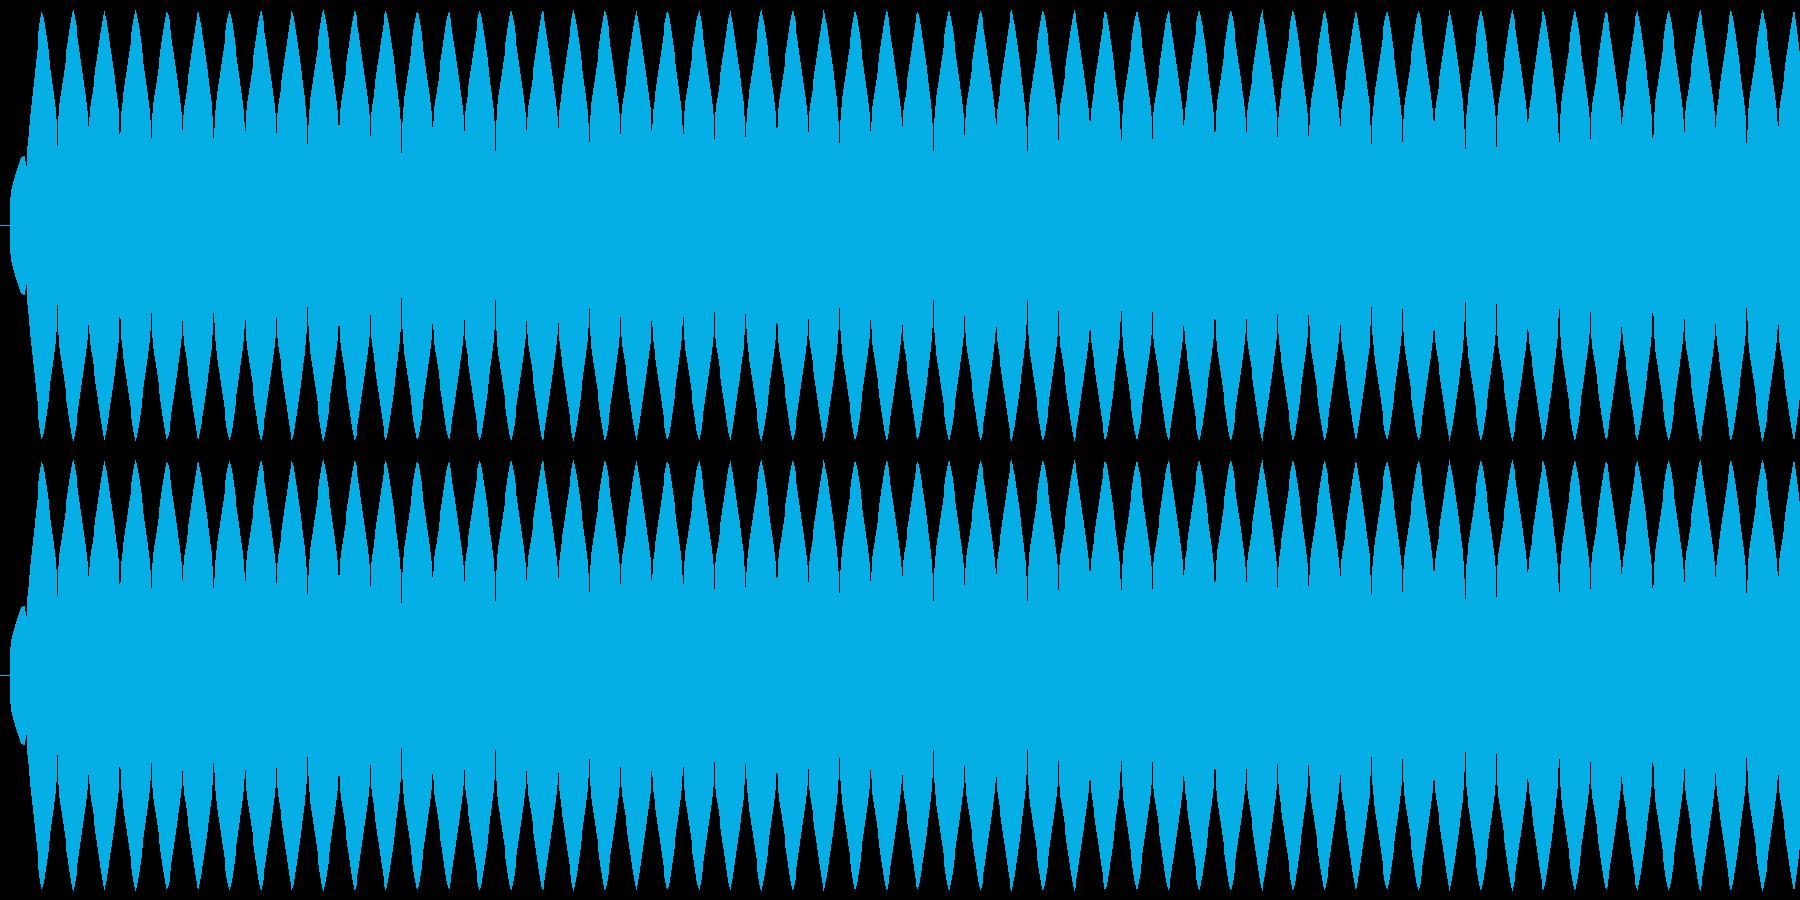 ゲージ増減 得点などの集計 ティィィィ…の再生済みの波形